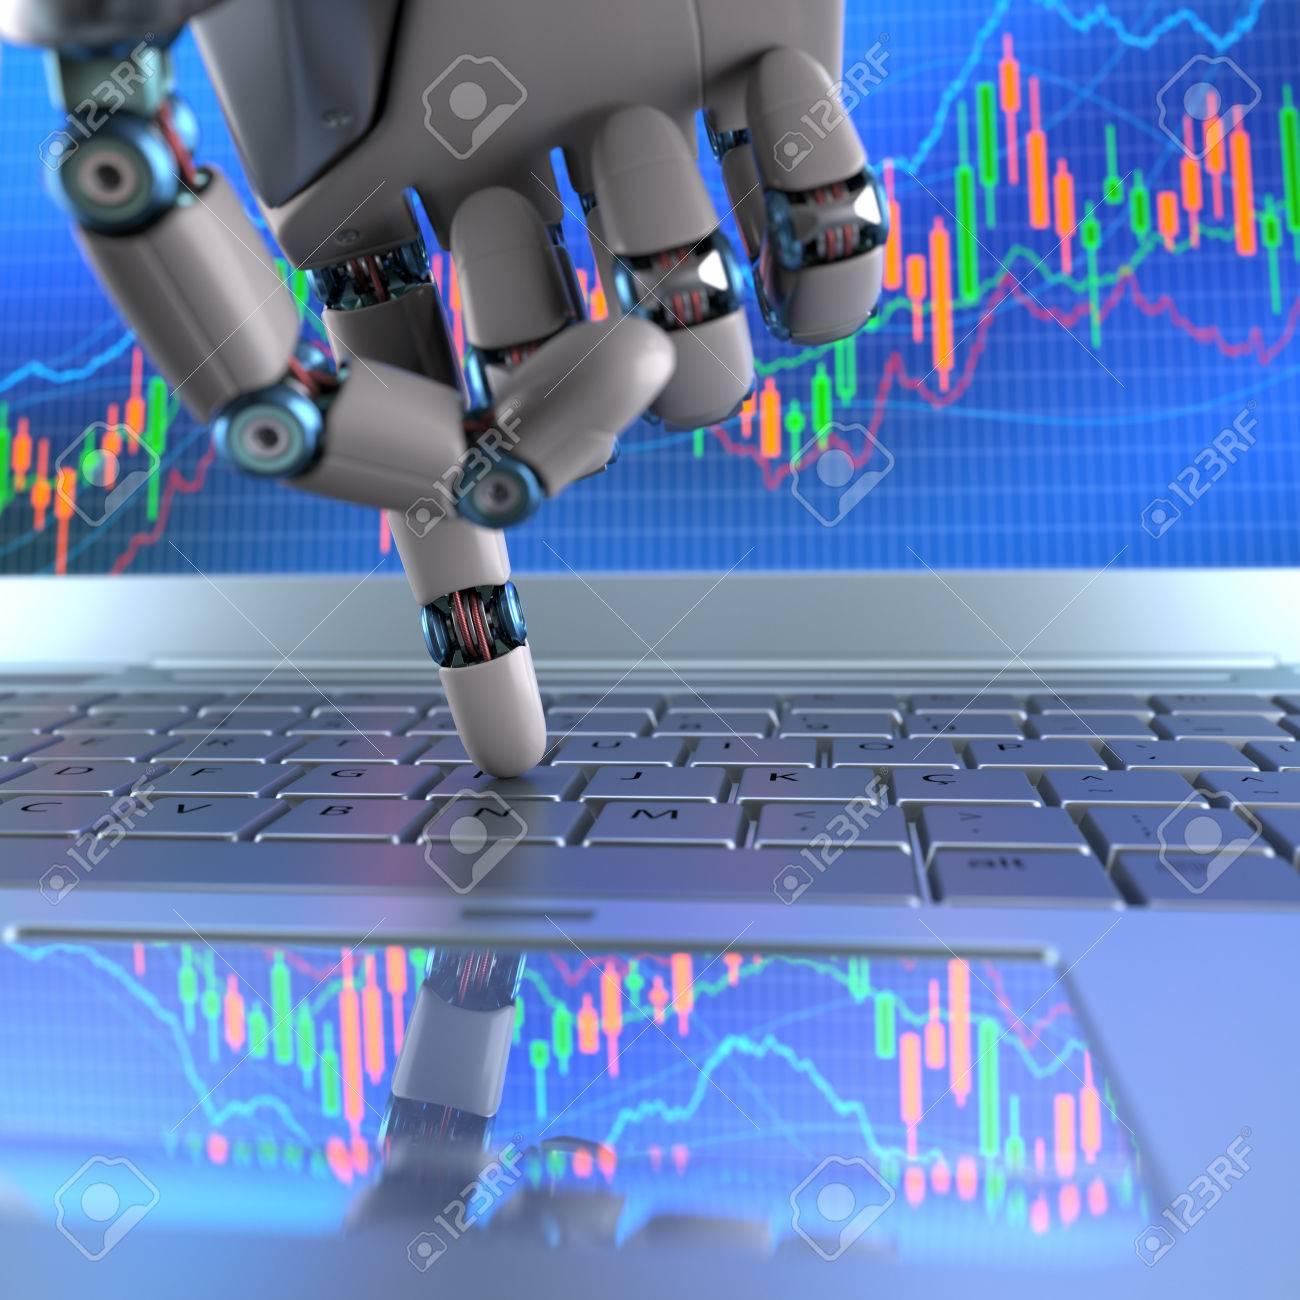 скачать программу робот на компьютер